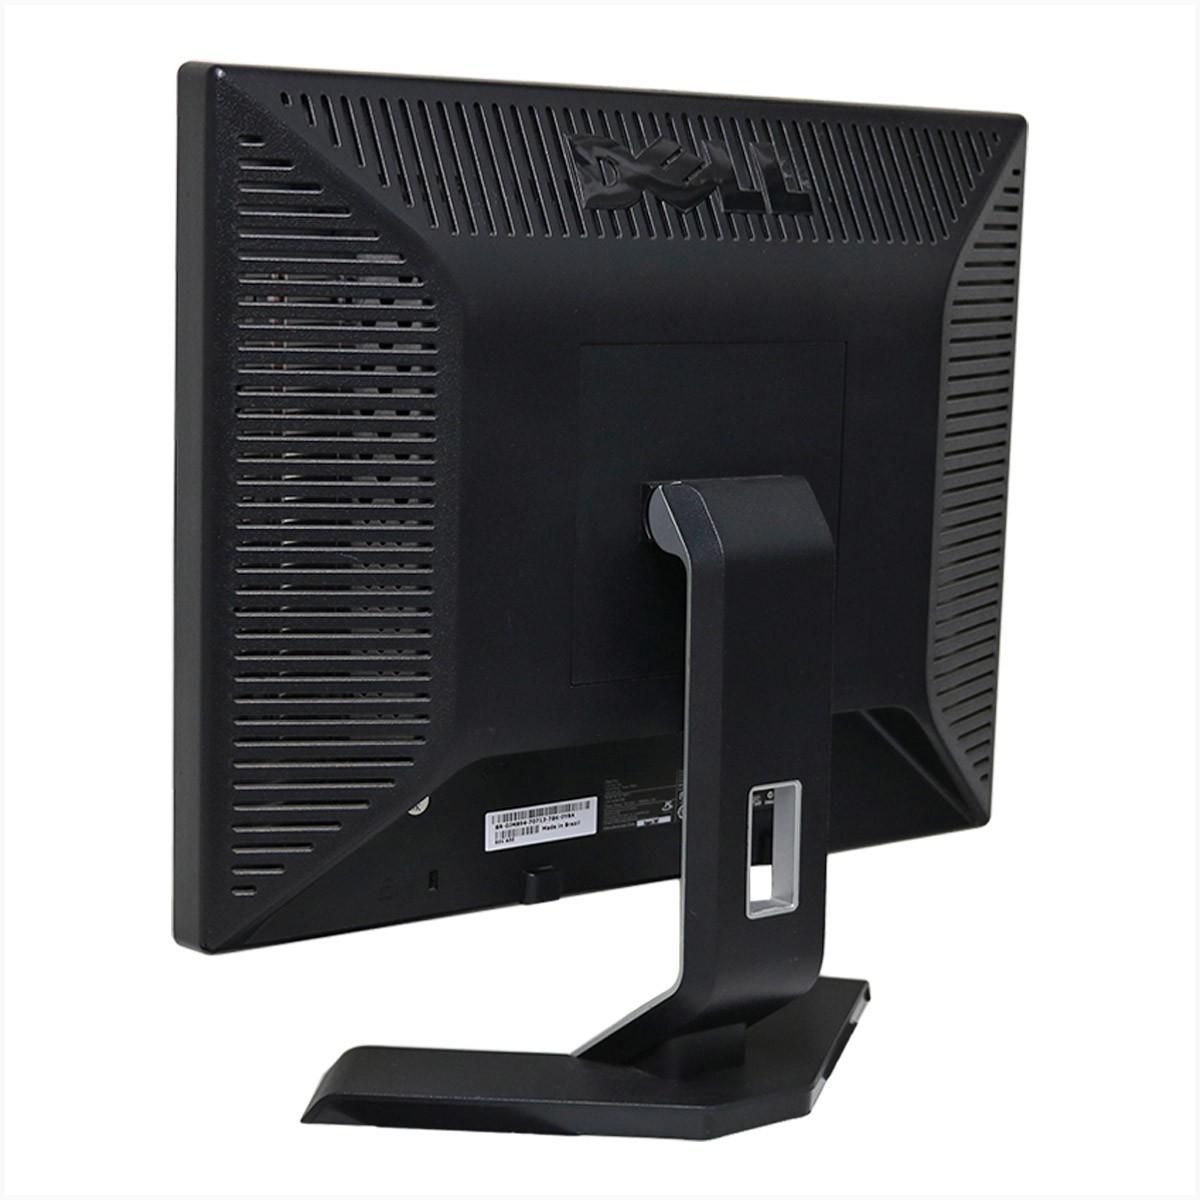 """Monitor Dell E178fpc 17"""" - Usado"""